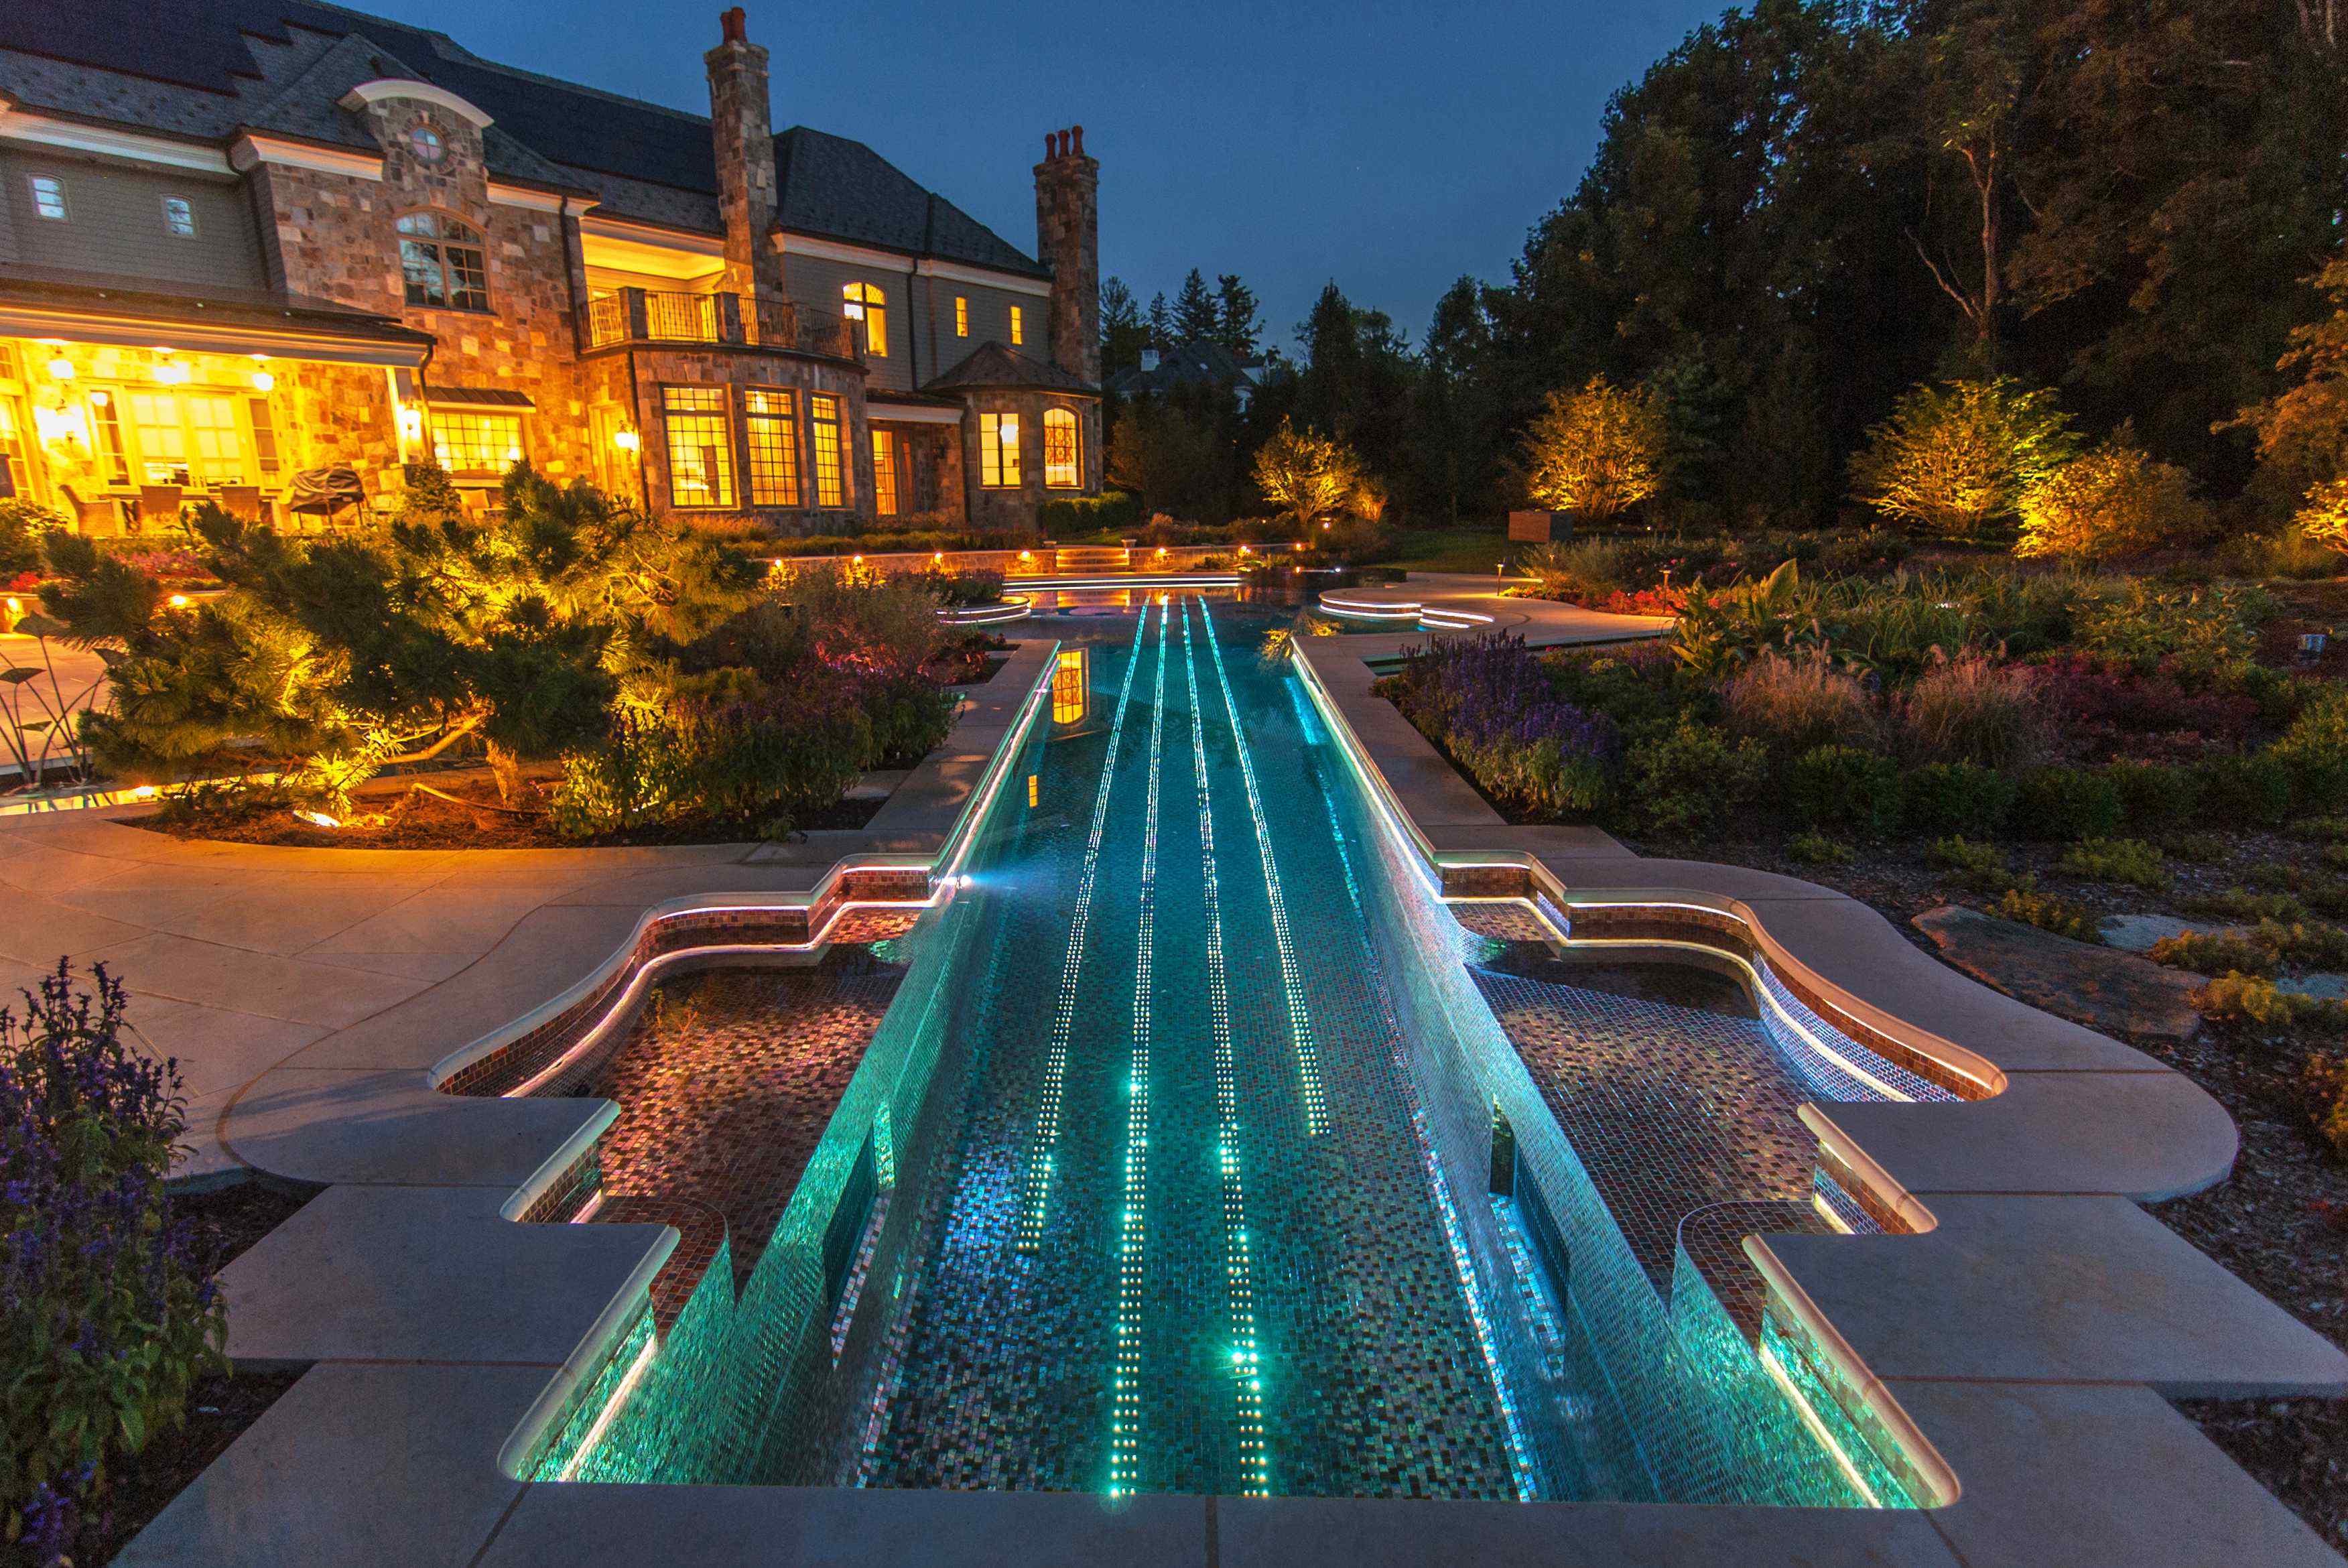 Бассейн из мозаики с подсветкой